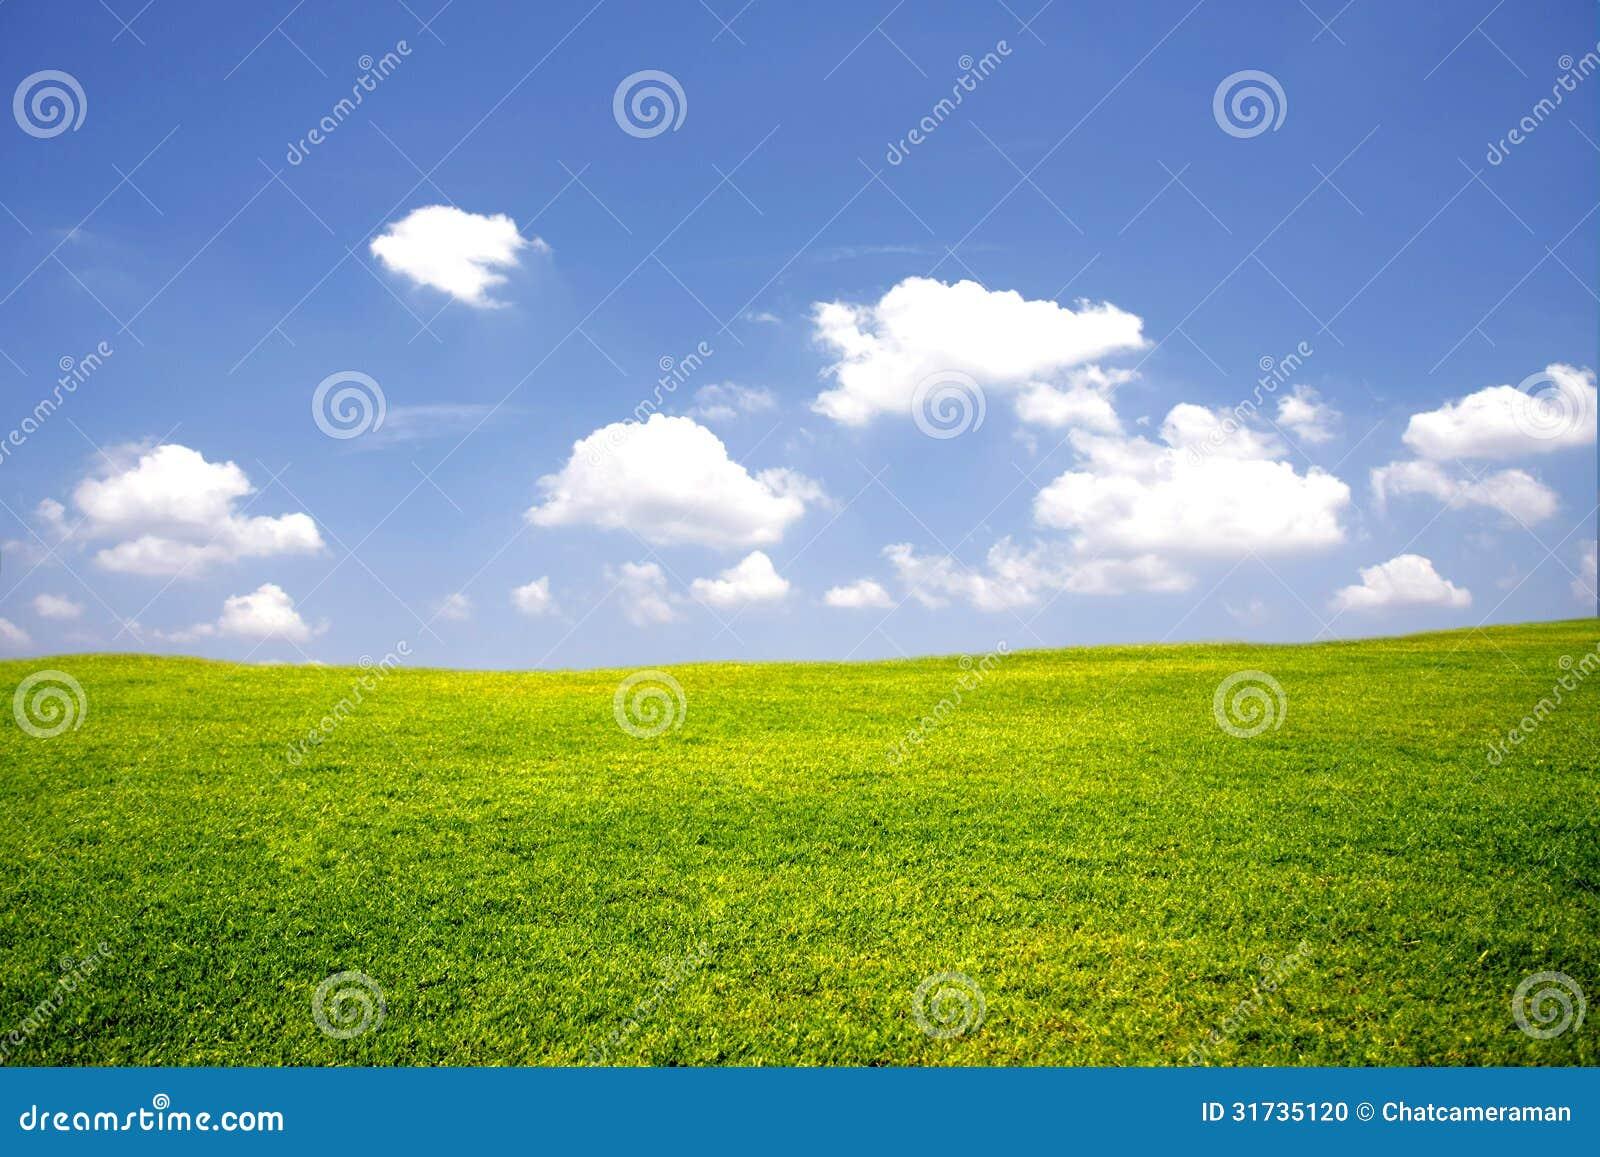 Prato verde con cielo blu fotografia stock immagine for Prato verde